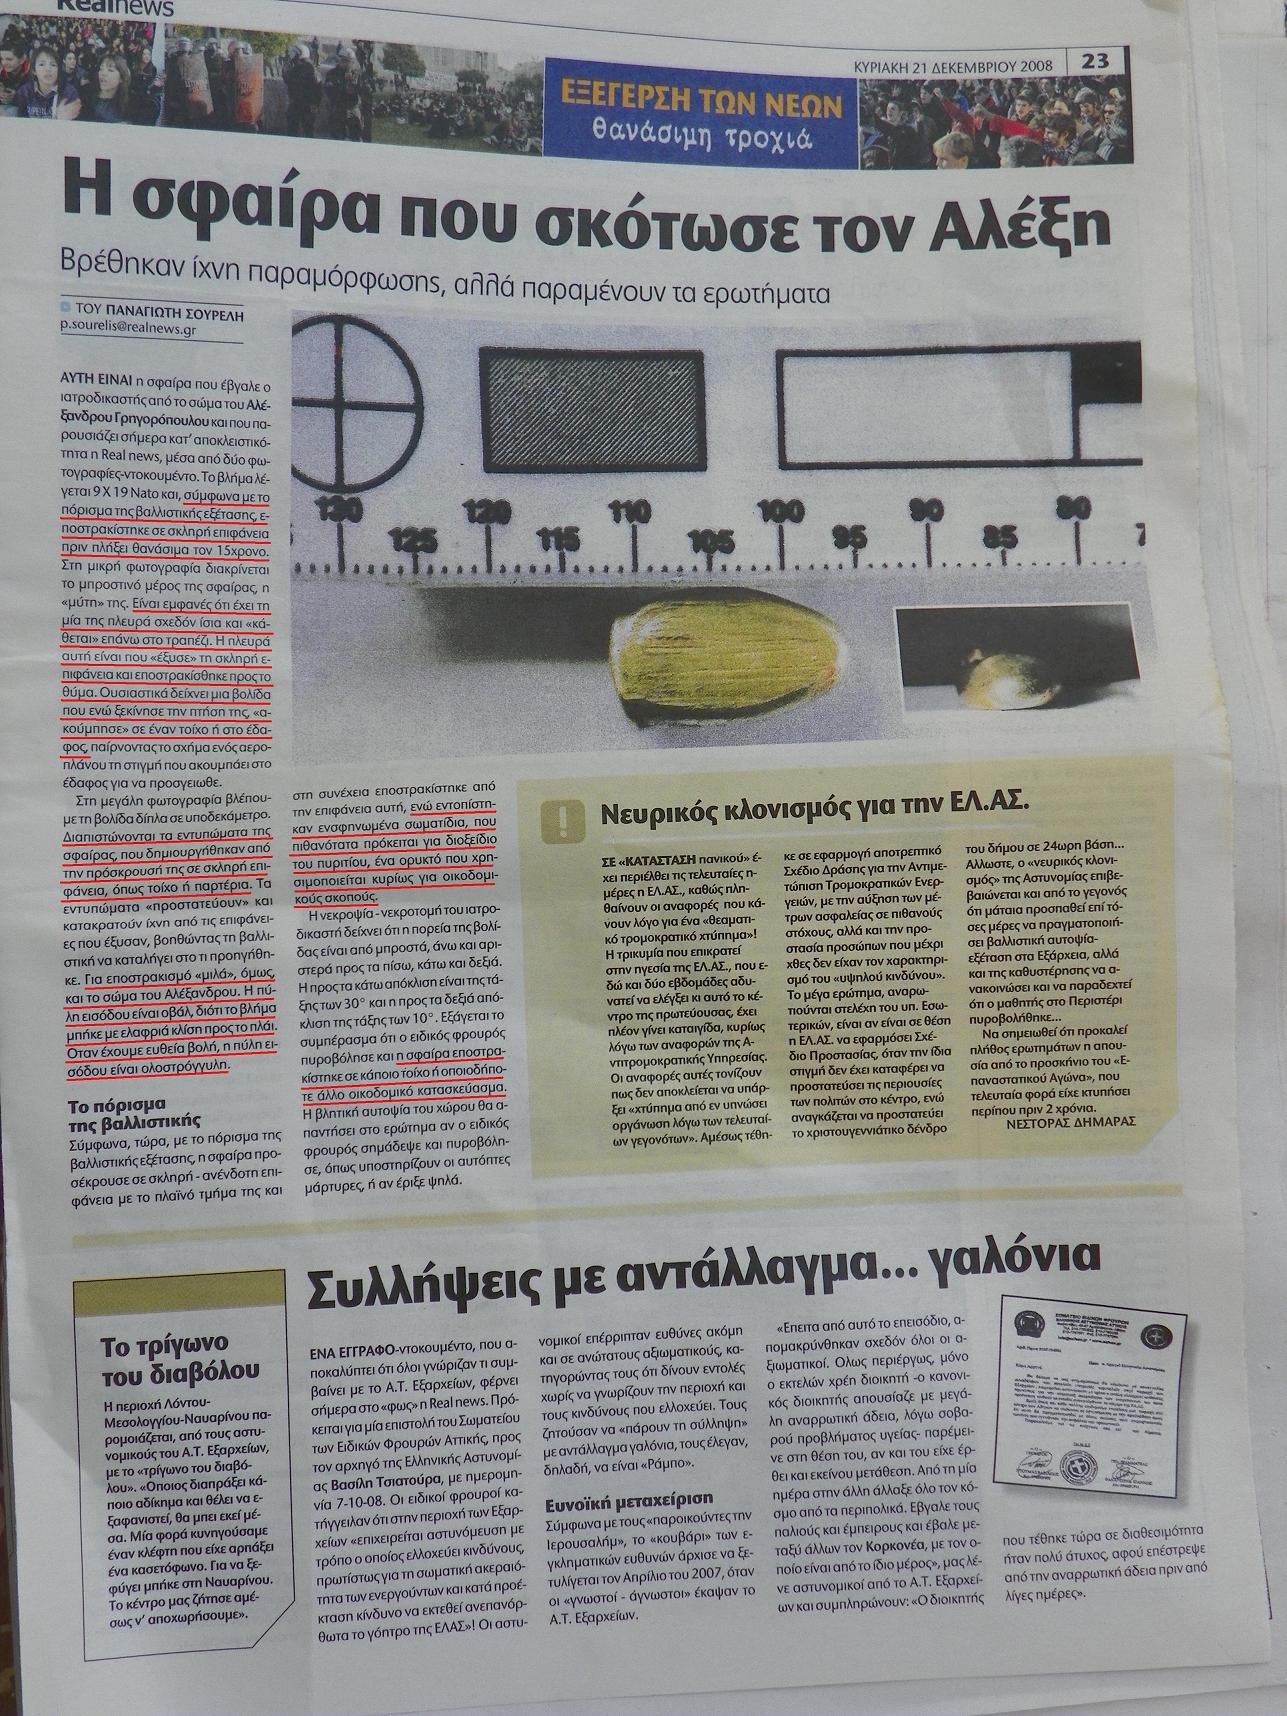 Ὀ ἀπολύτως συνειδητοποιημένος Γρηγορόπουλος;